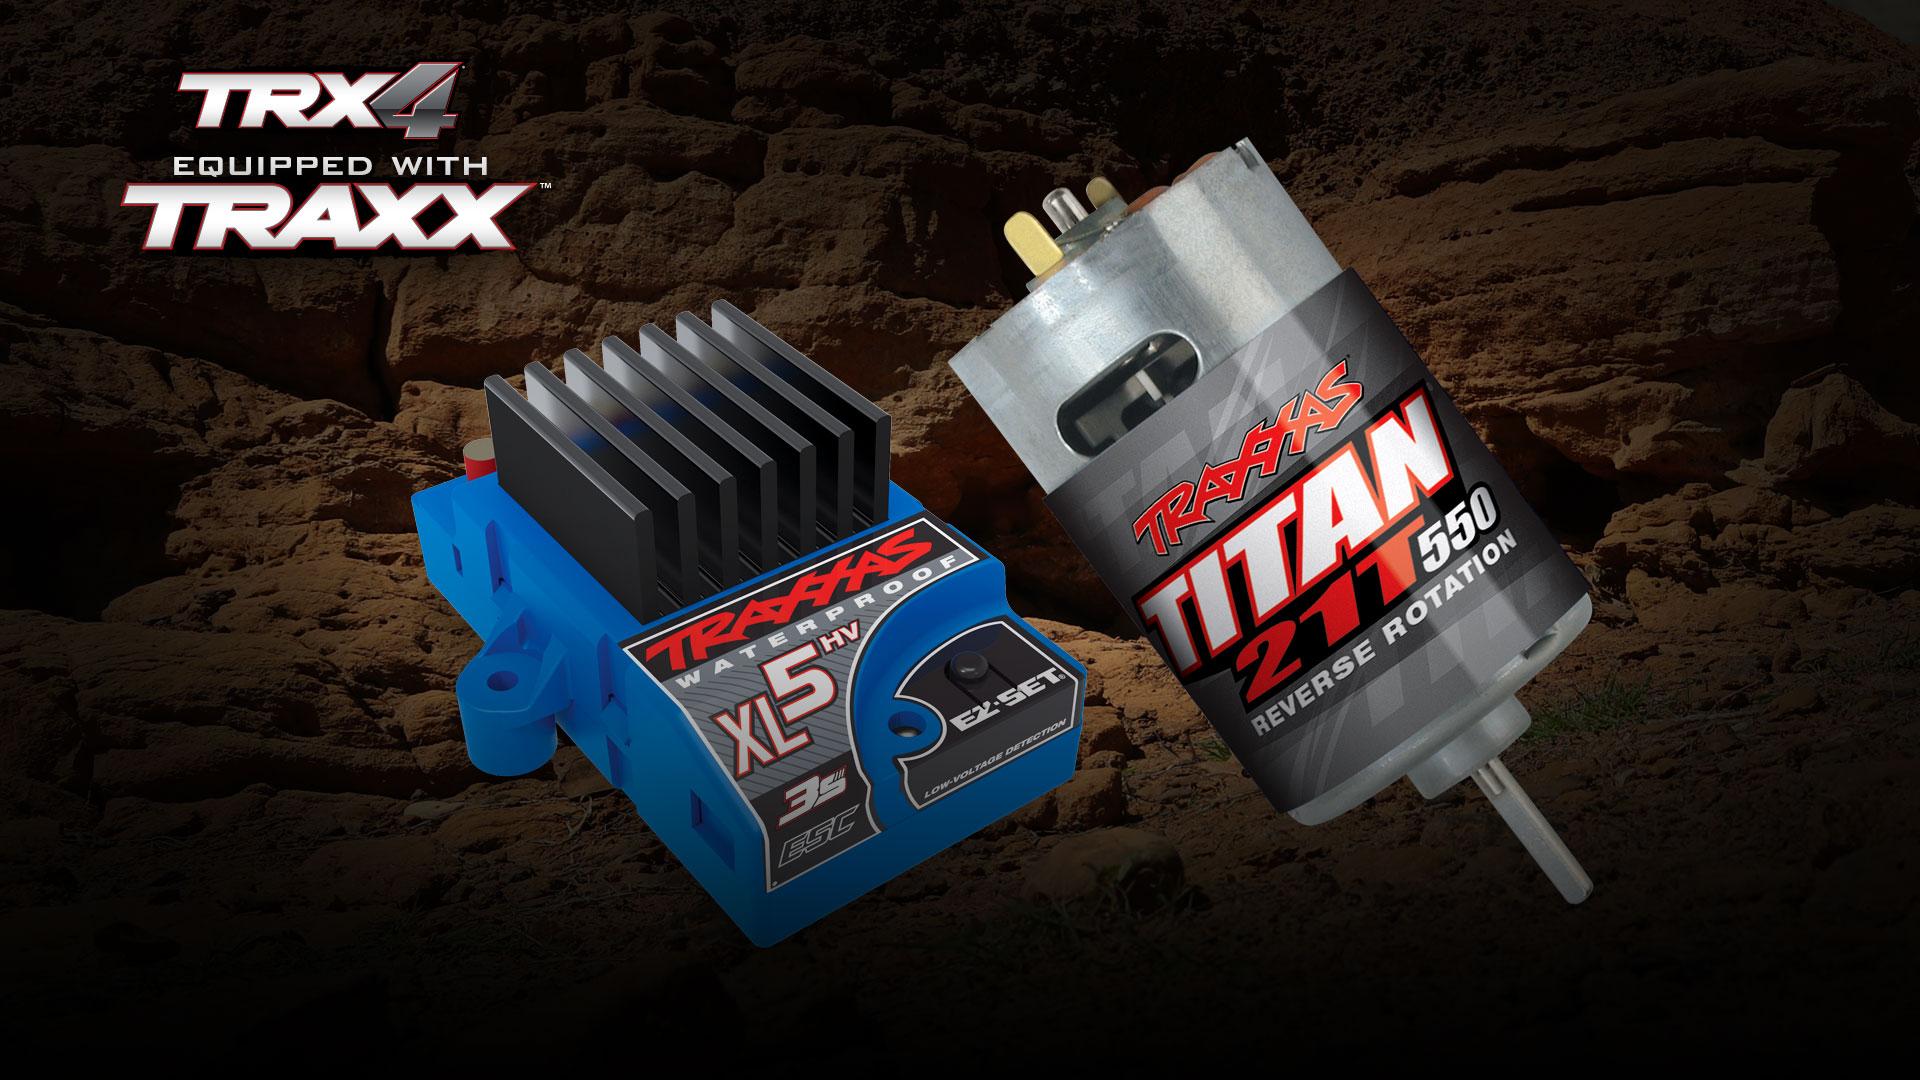 TRX82034-4_009.jpg